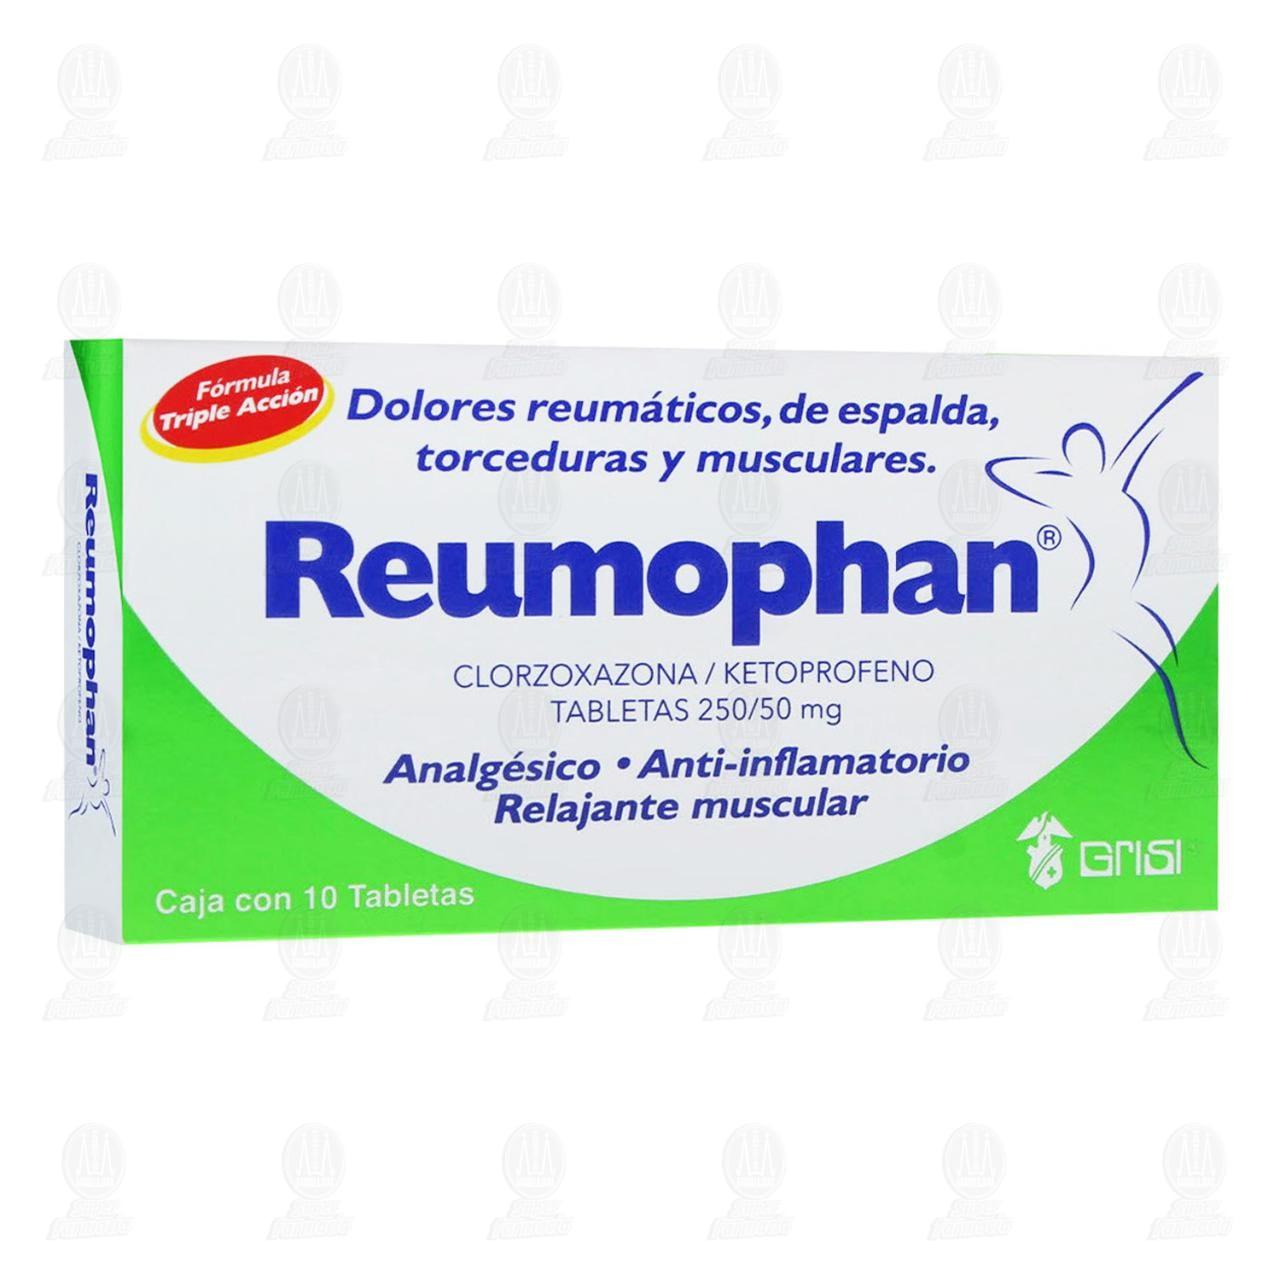 Comprar Reumophan 10 Tabletas en Farmacias Guadalajara